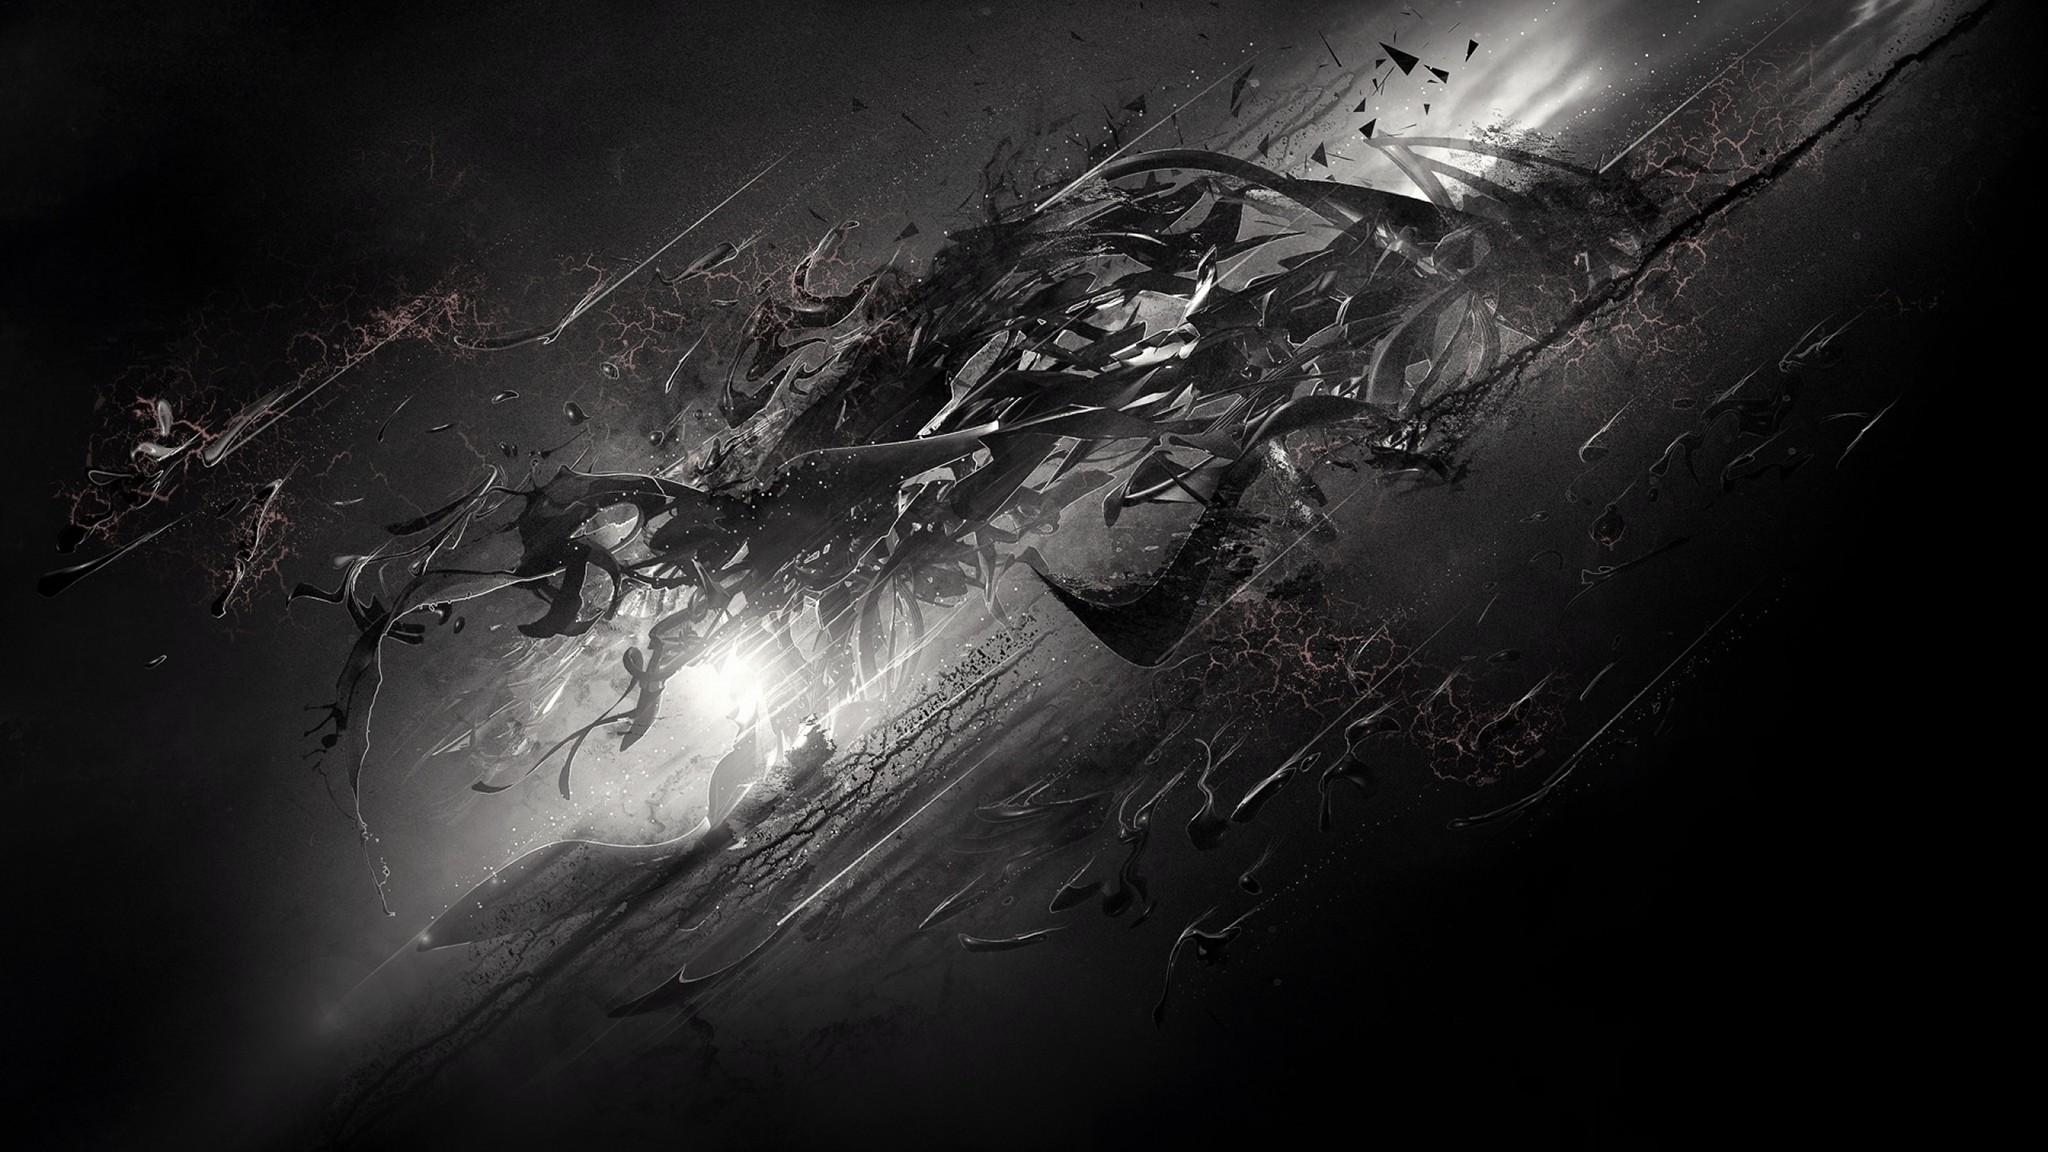 Dark Desktop Wallpaper 75 Pictures